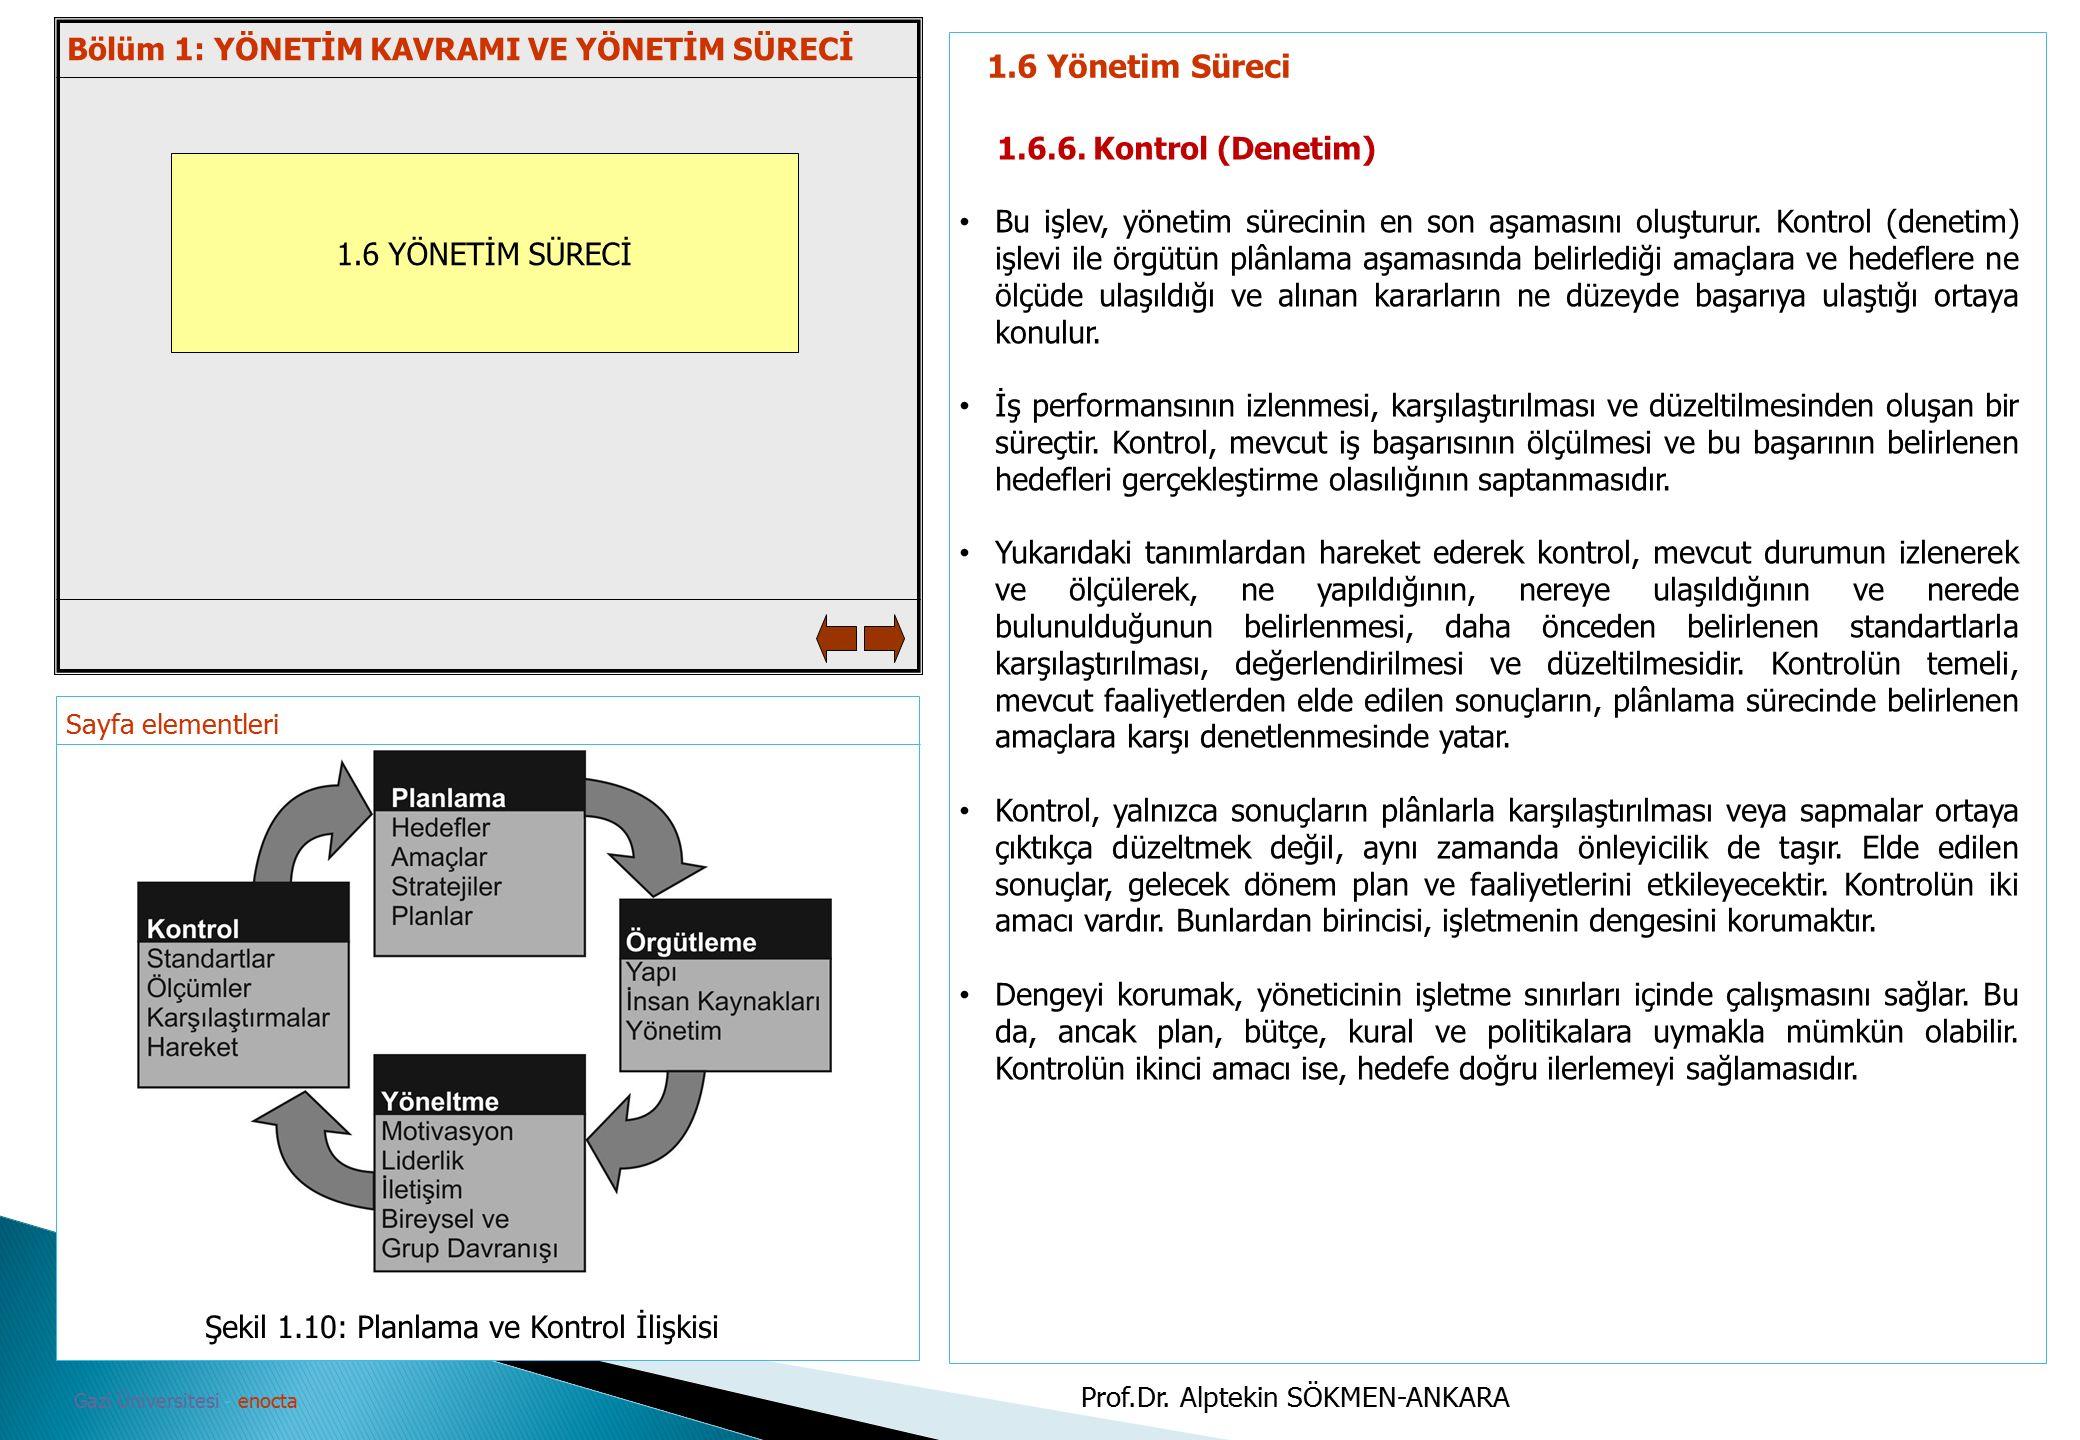 Sayfa elementleri Gazi Üniversitesi - enocta 1.6 YÖNETİM SÜRECİ 1.6 Yönetim Süreci 1.6.6. Kontrol (Denetim) Bu işlev, yönetim sürecinin en son aşaması